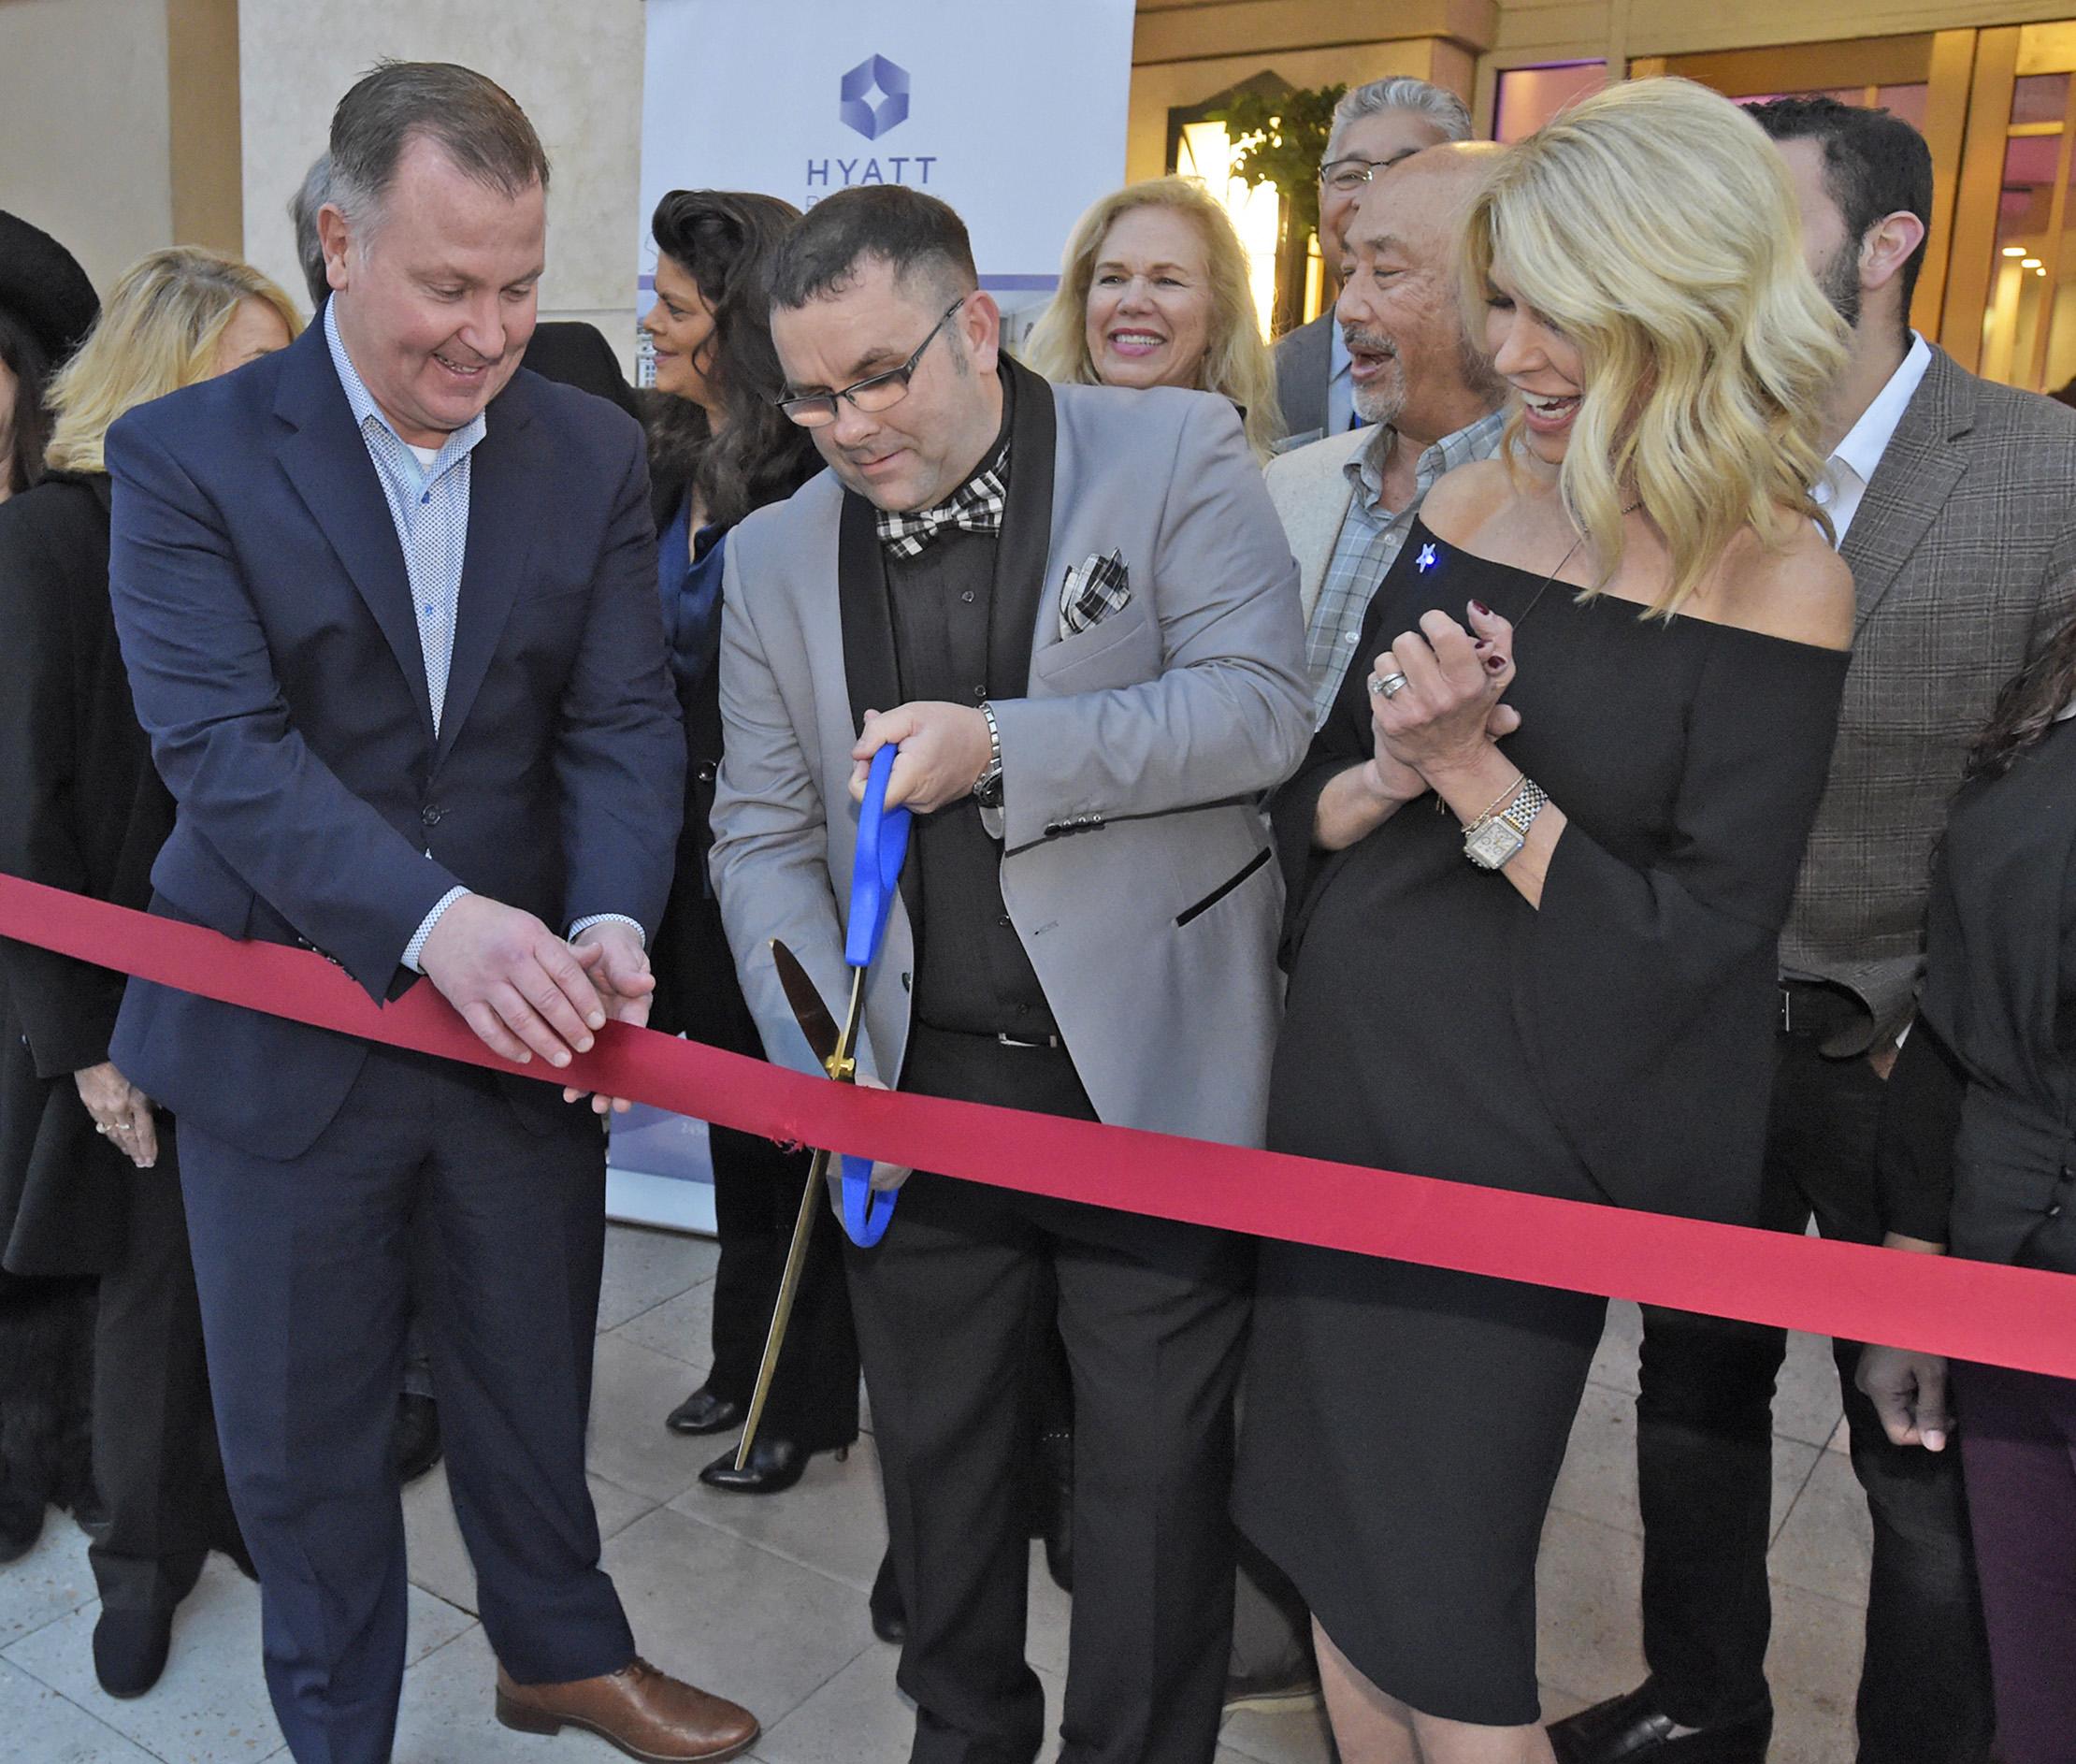 Hyatt Regency Valencia celebrates official grand re-opening